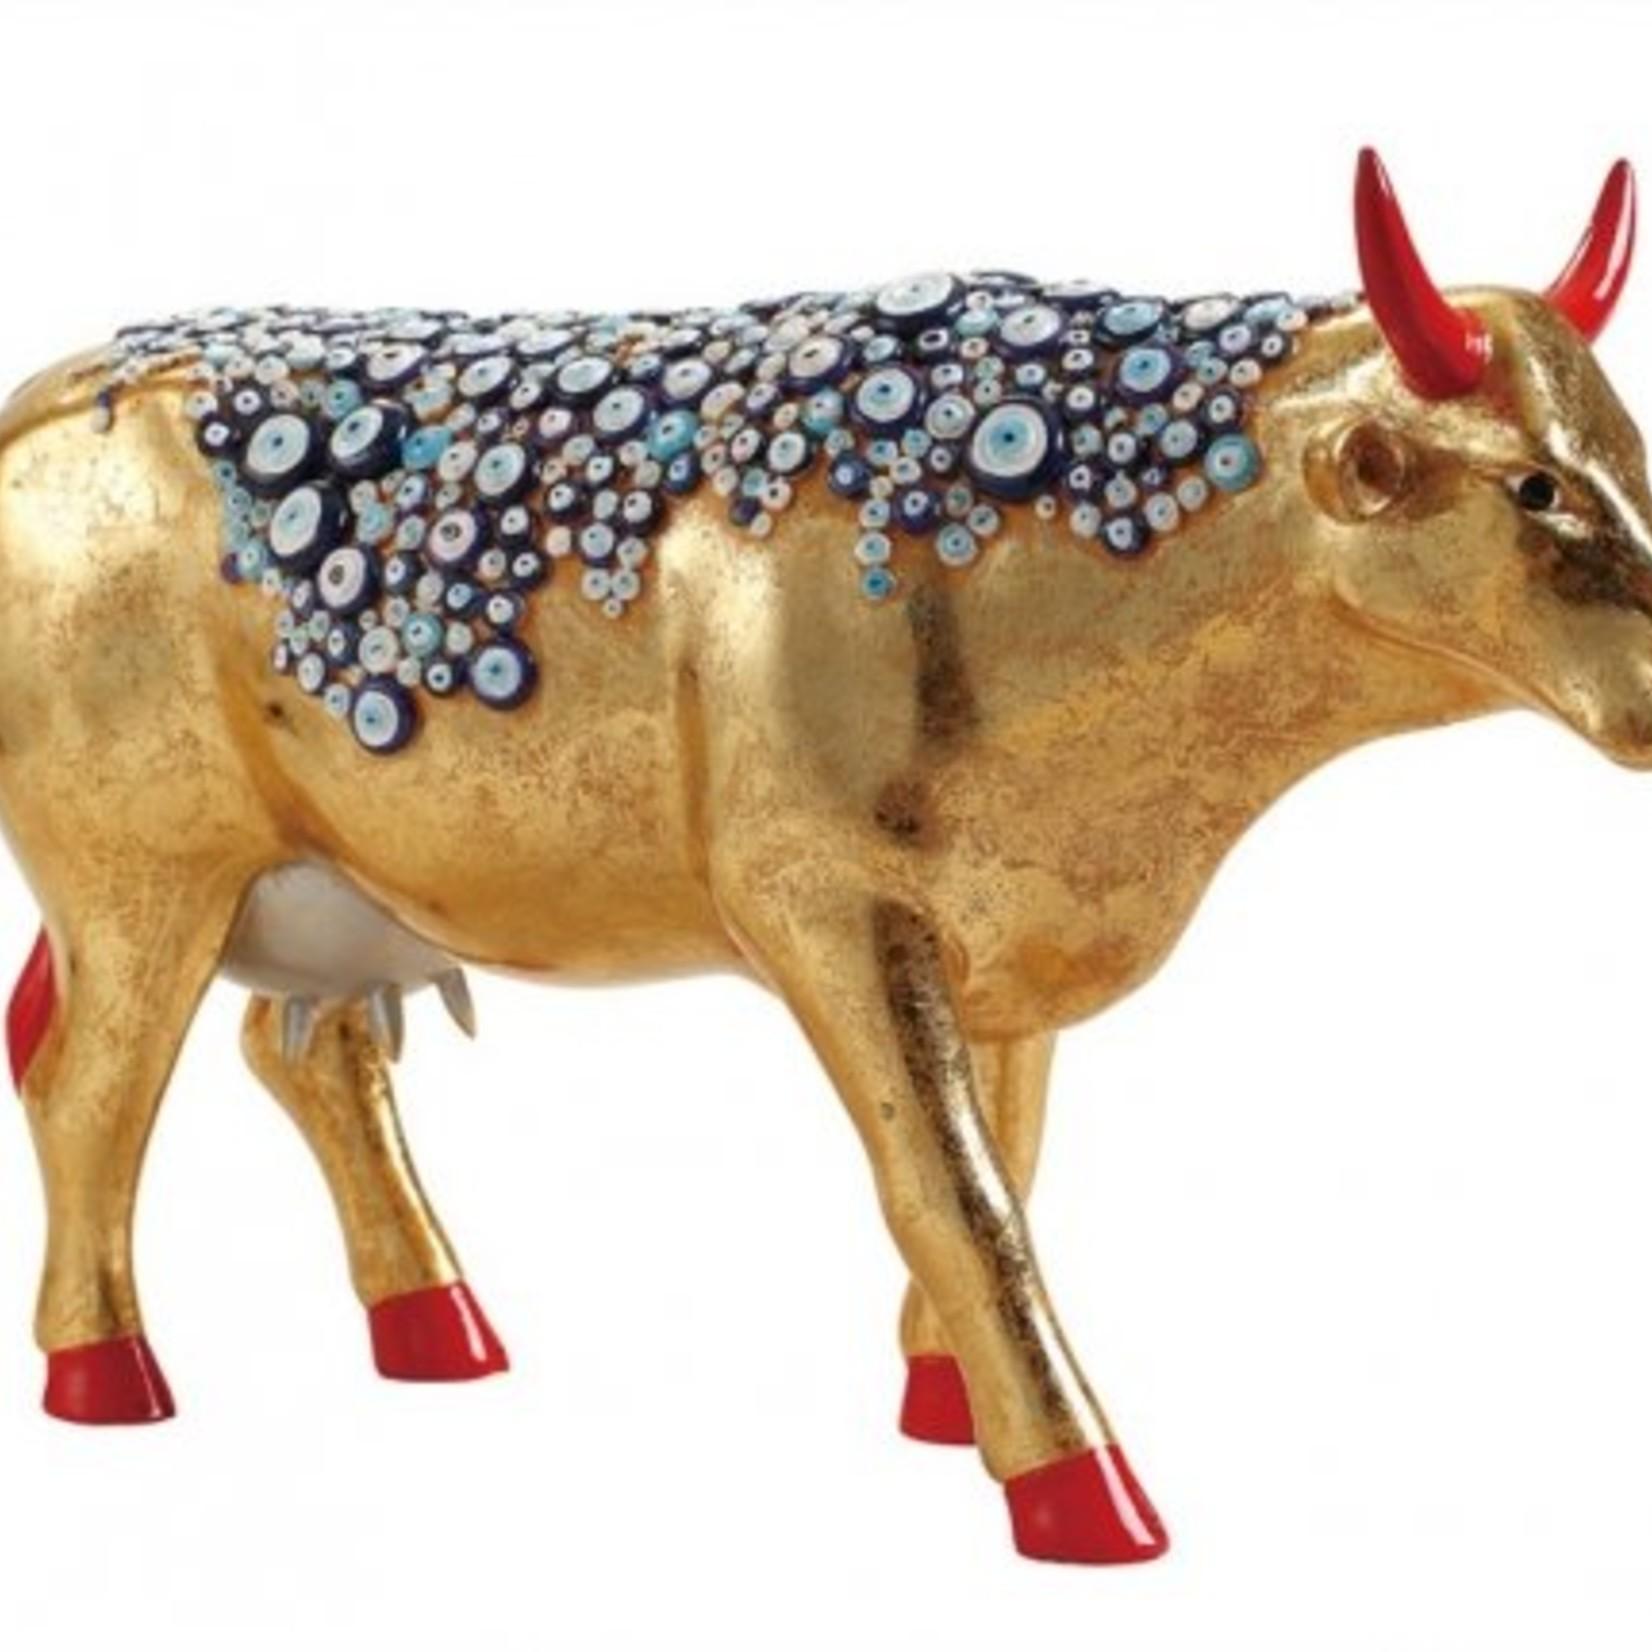 Cowparade CowParade Large The Evil Eye Cow (aka Nazar Boncugu)